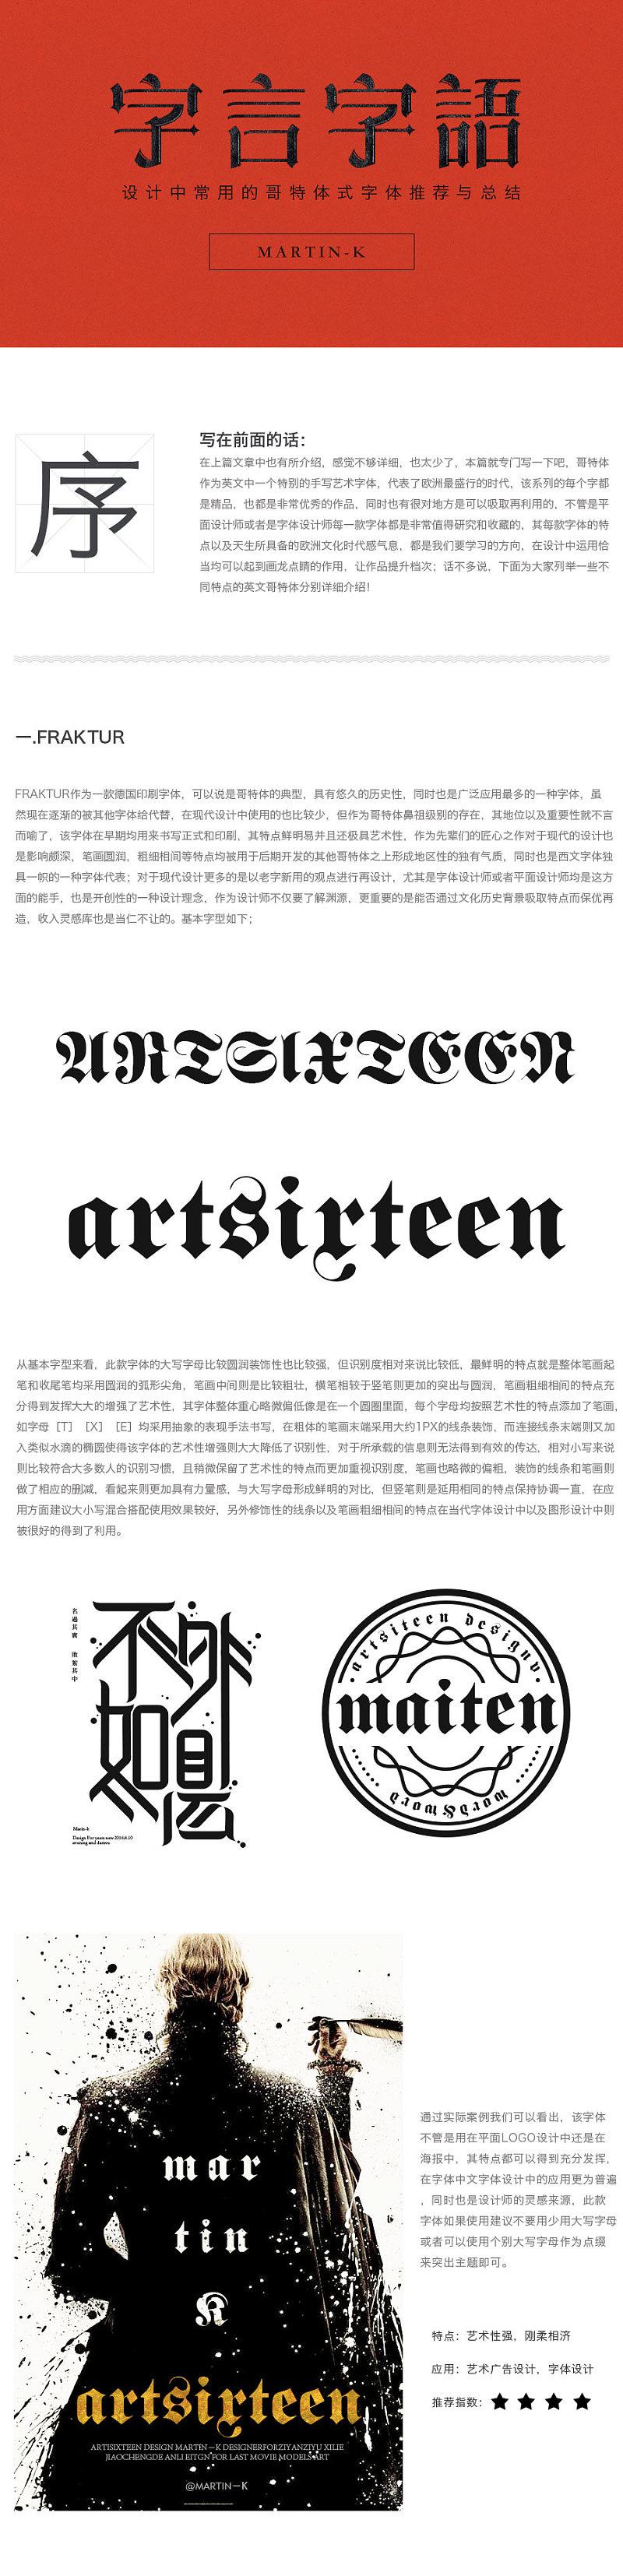 设计中常用的哥特式字体推荐与总结